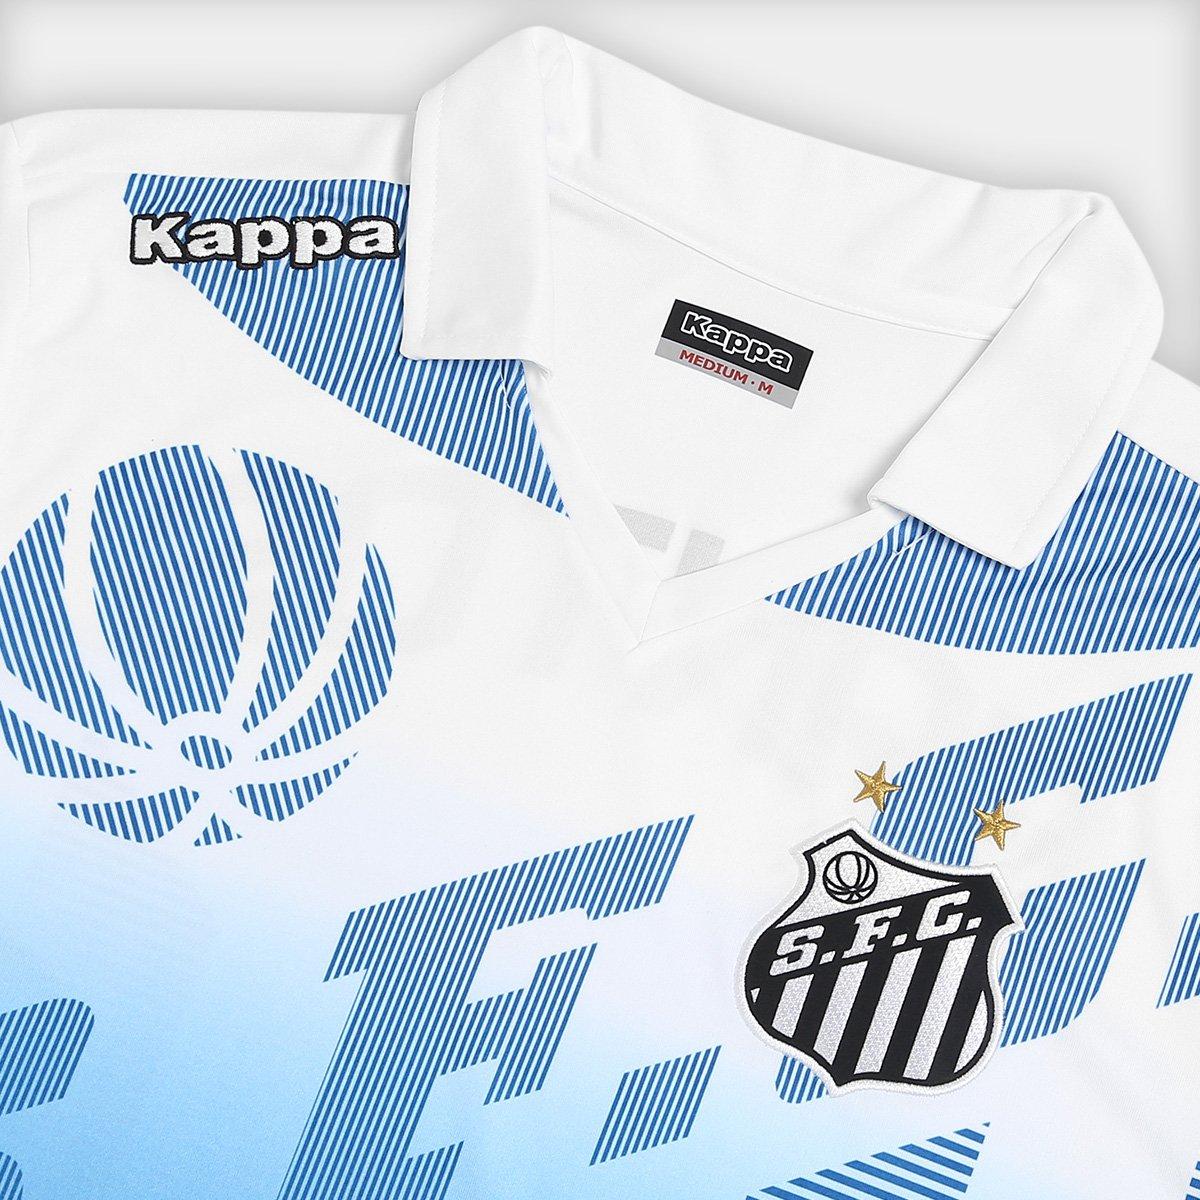 Camisa Polo Santos Elenco 17 18 Kappa Masculina - Compre Agora ... a4e041fba5ab4